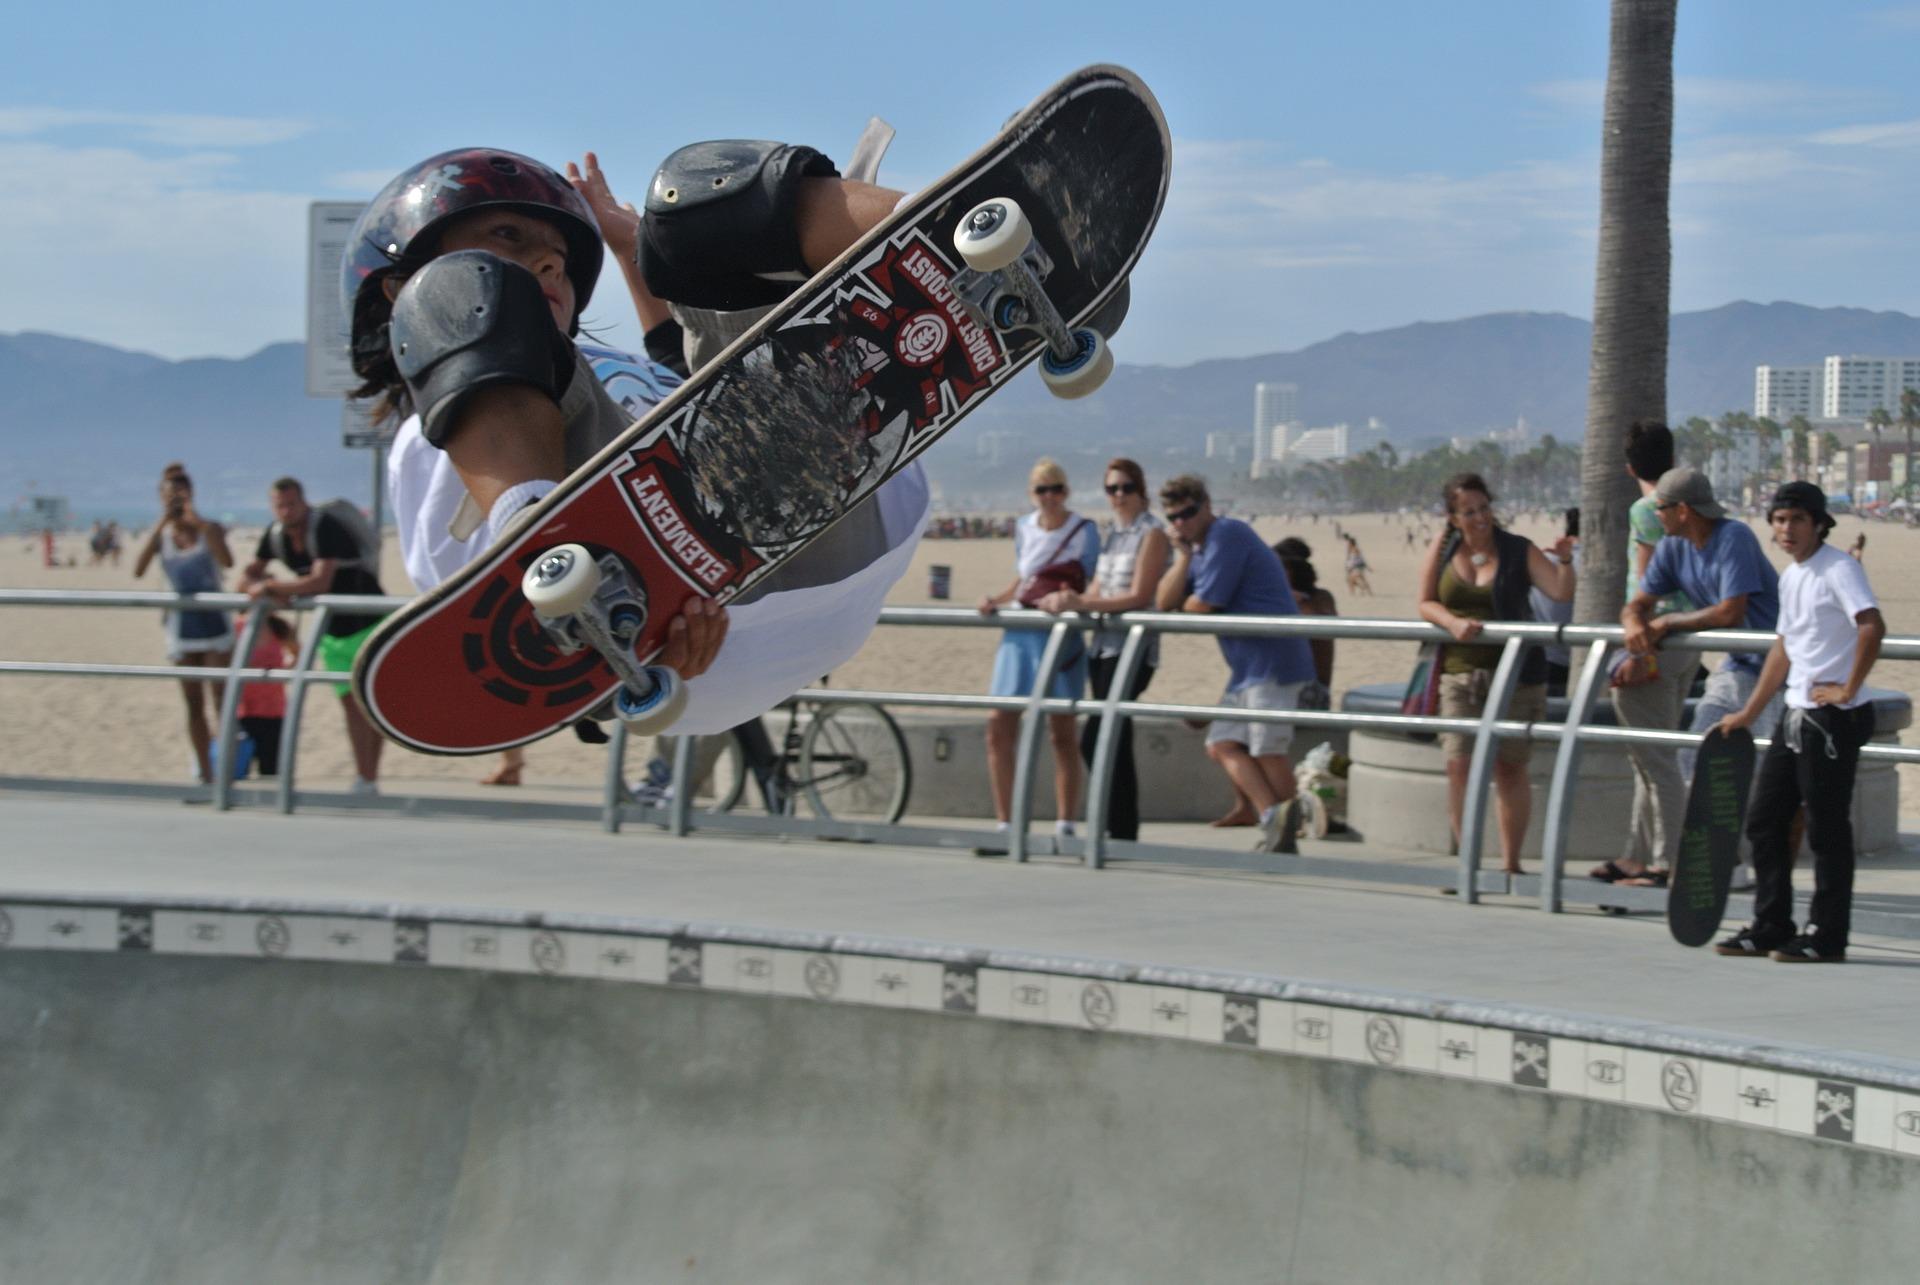 Skaten ist in Los Angeles schon fast eine selbstverständlichkeit